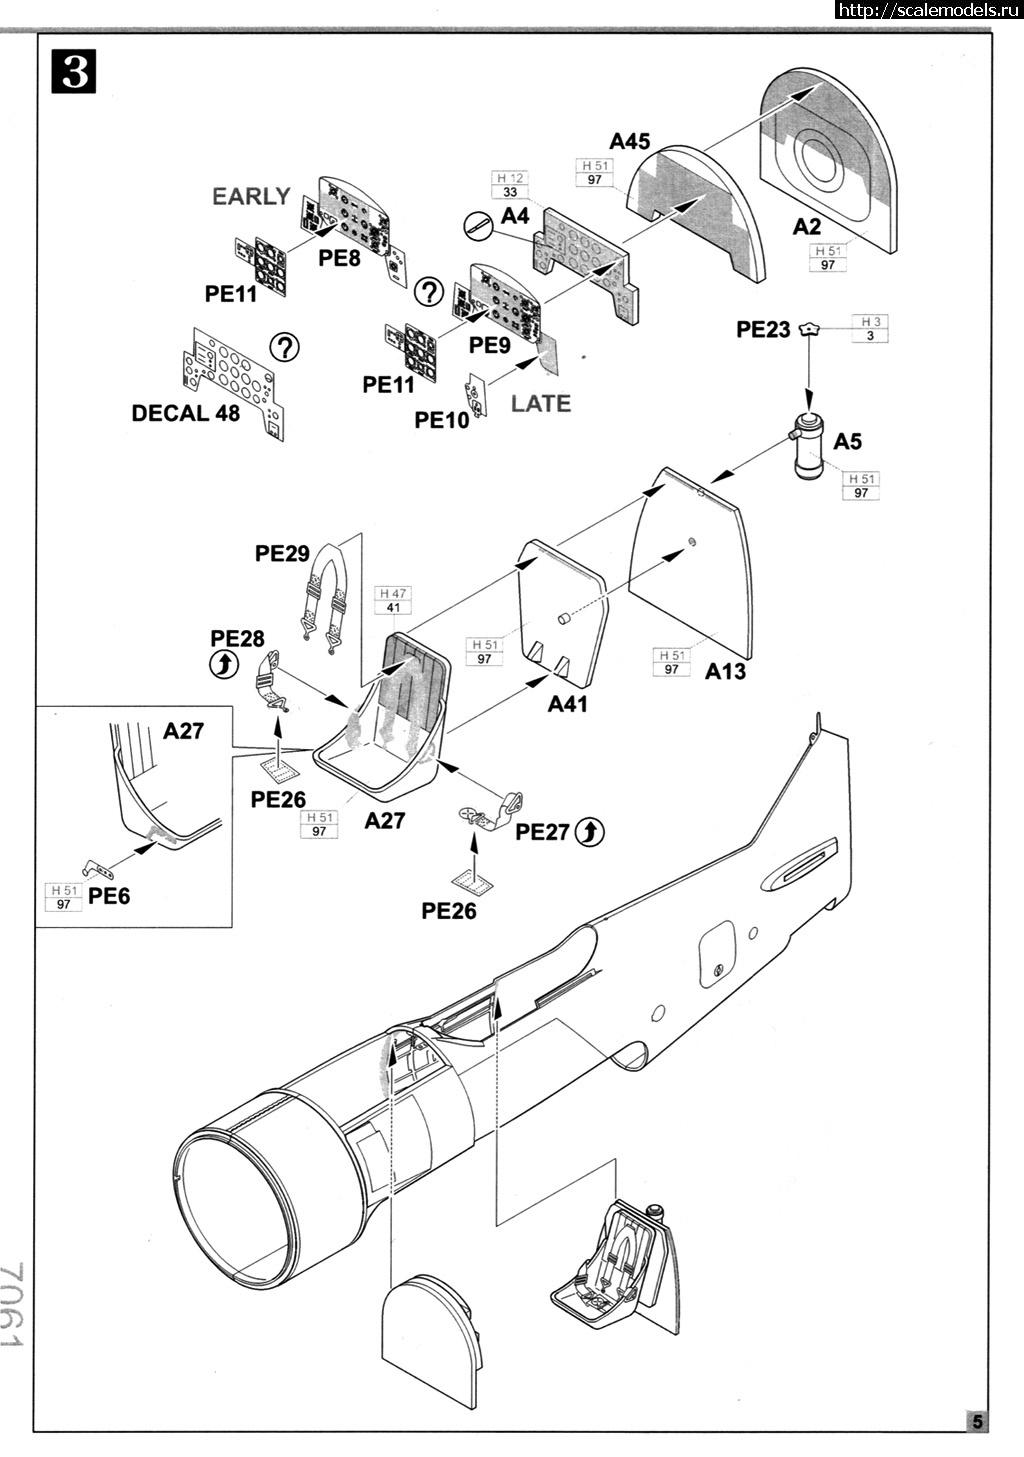 #1195621/ Поиск сканов инструкций Закрыть окно